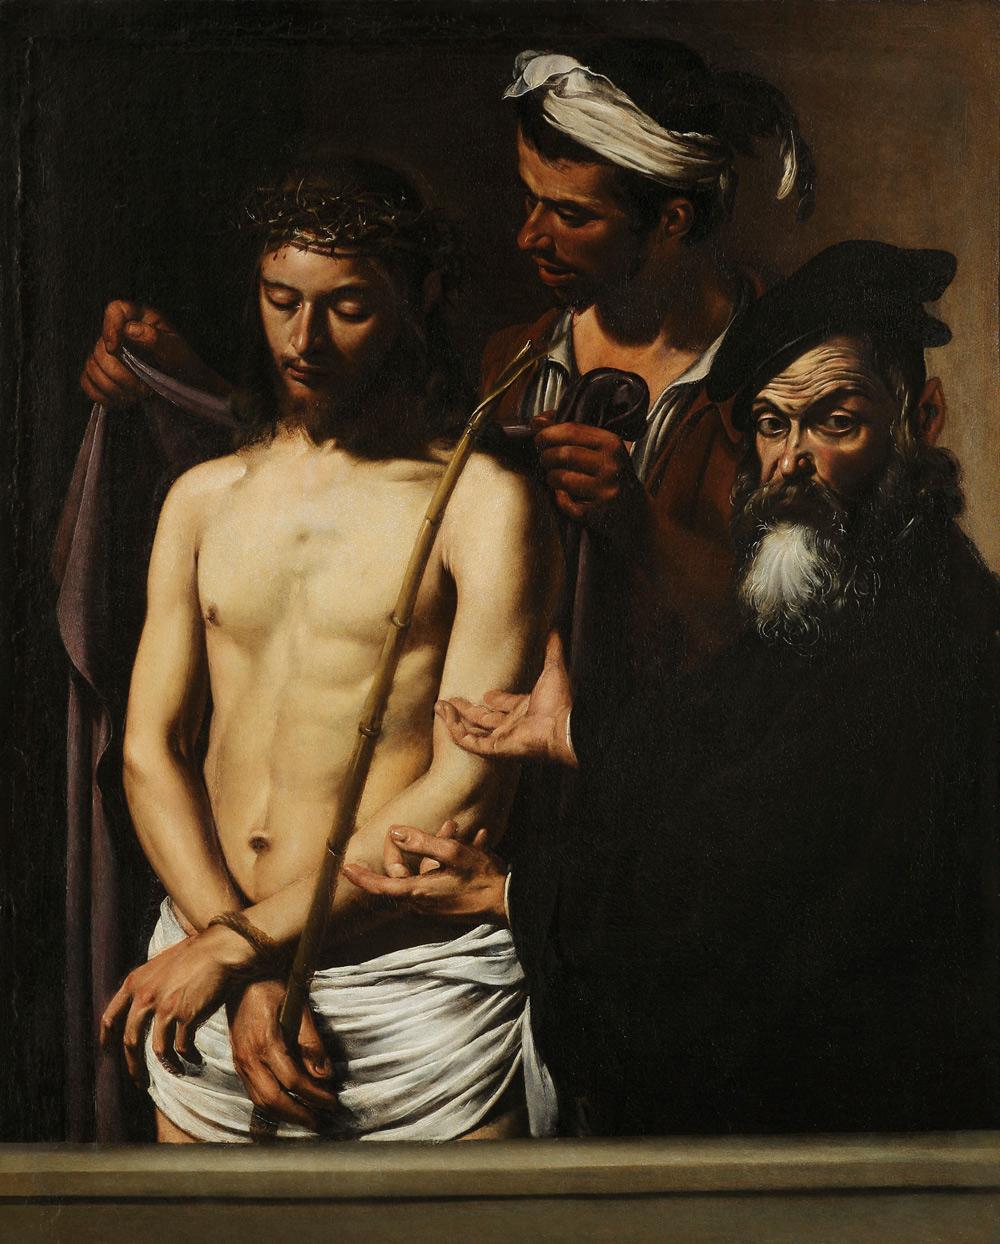 Caravaggio, Ecce Homo (1605-1610 circa; olio su tela, 128 x 103 cm; Genova, Musei di Strada Nuova - Palazzo Bianco)